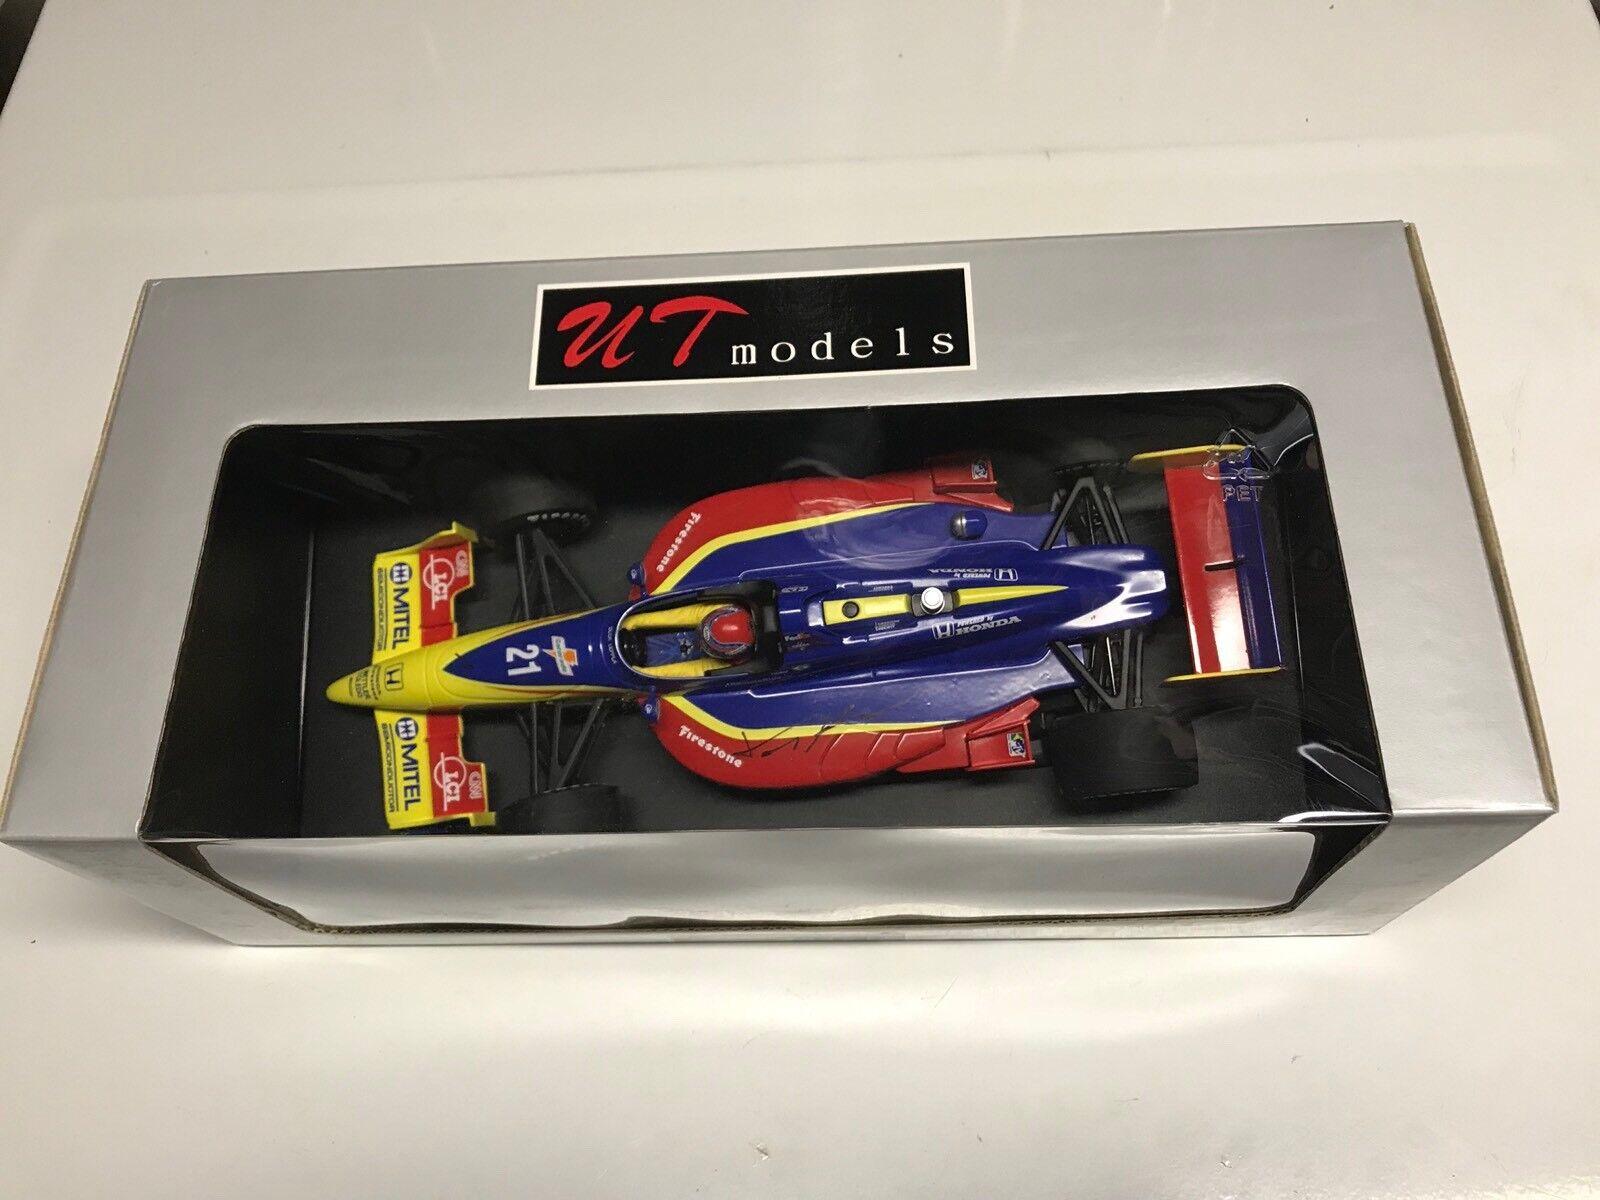 UT MODELS Tony Kanaan signé Tasman Motorsports LCI Reynard Cart Indy 1 18 Nouveau en Boîte +